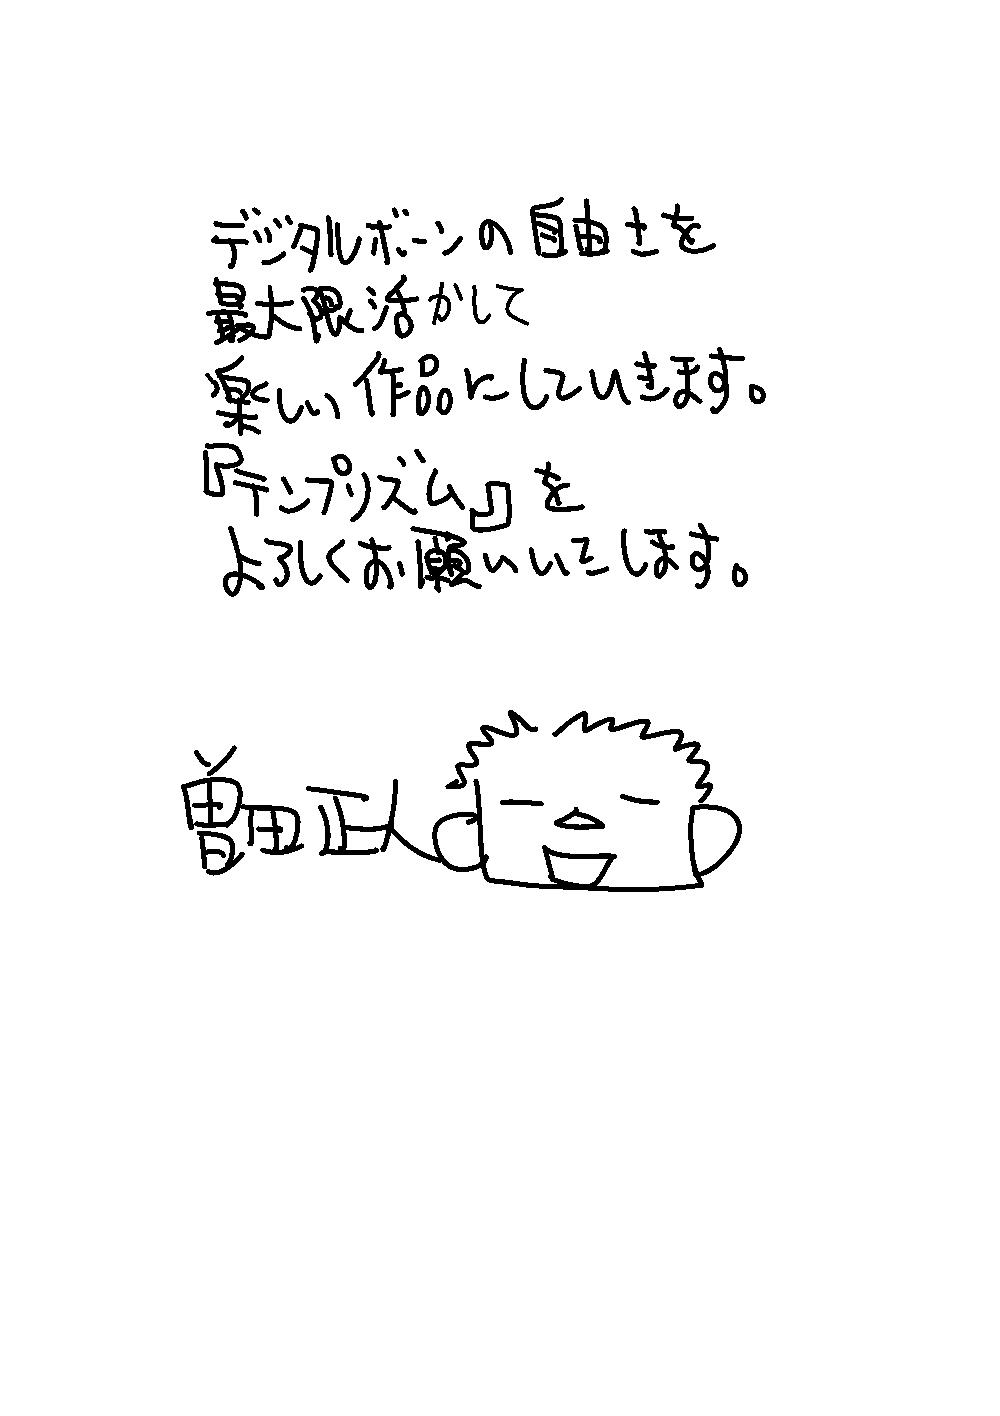 曽田正人氏コメント